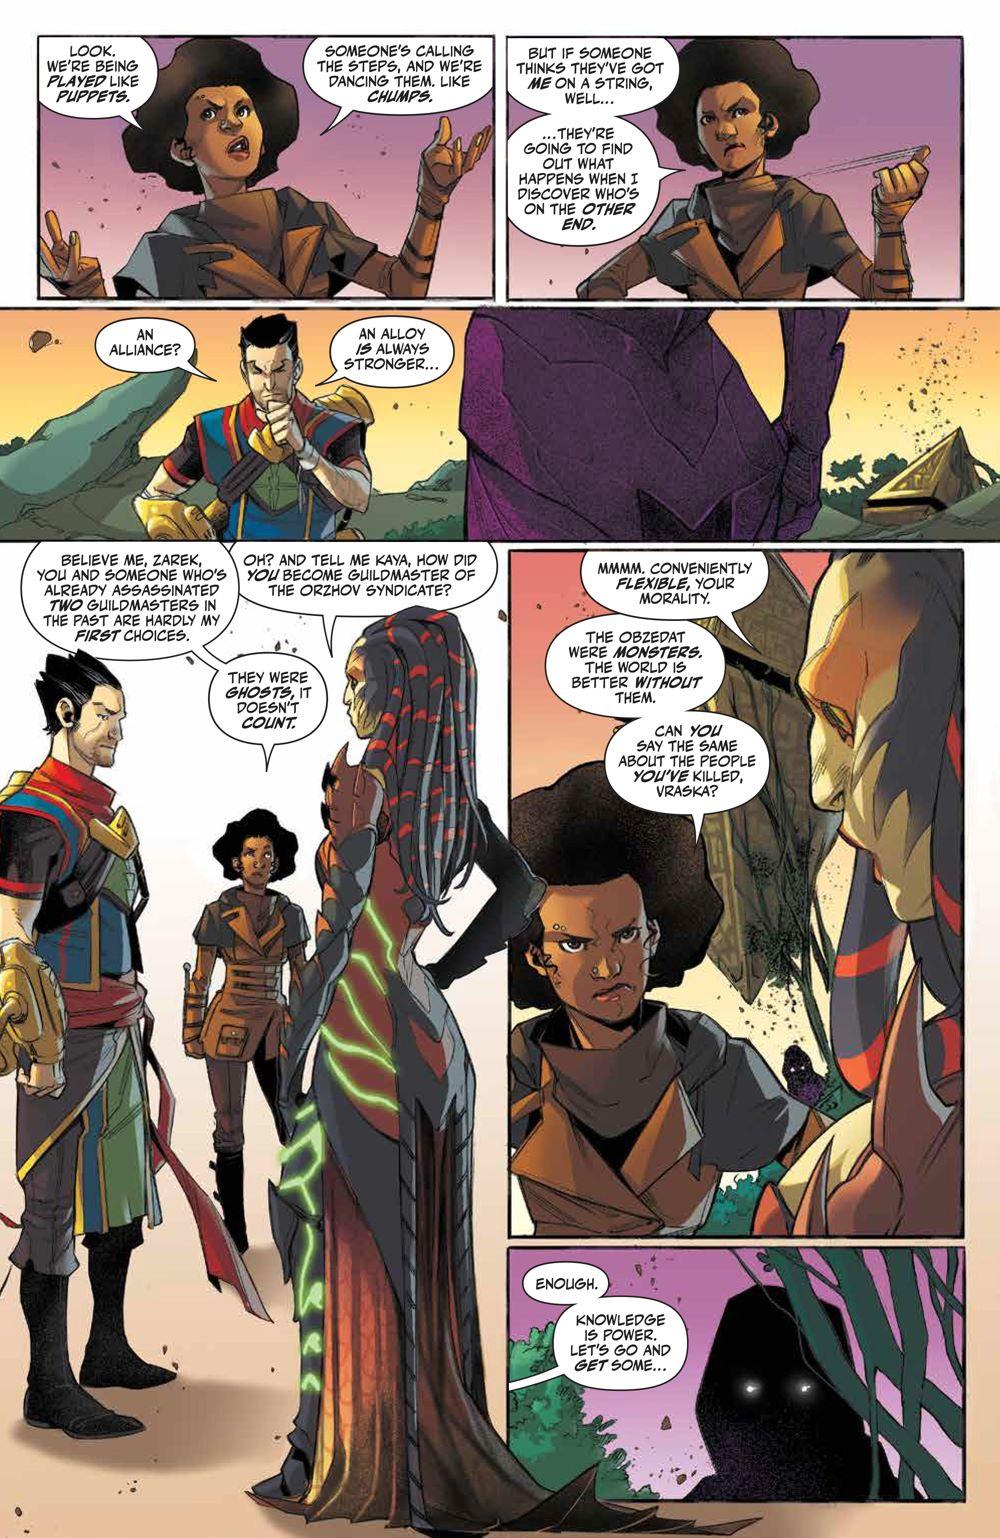 Magic_002_PRESS_5 ComicList Previews: MAGIC #2